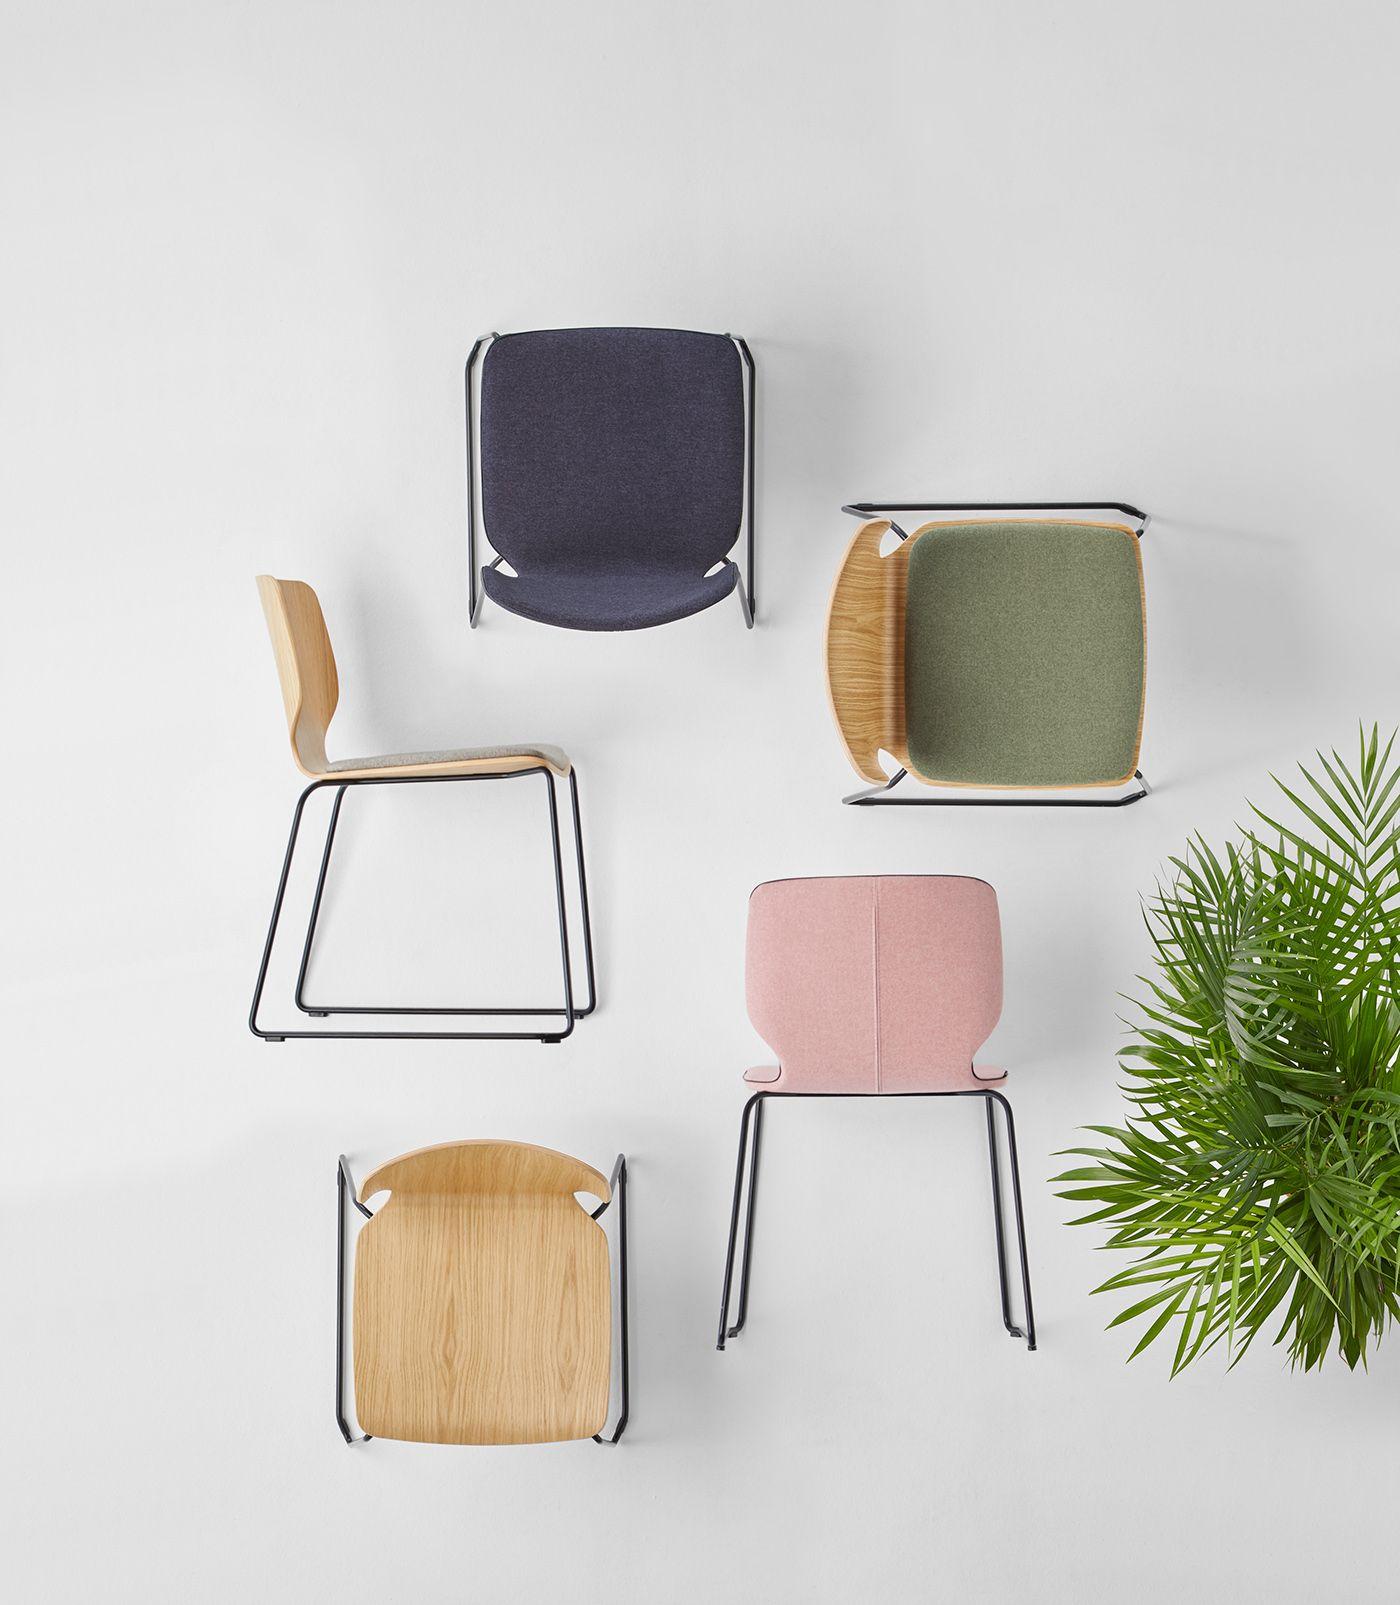 NIM chair #design #chair #furniture | Chairs | Pinterest | Sillas